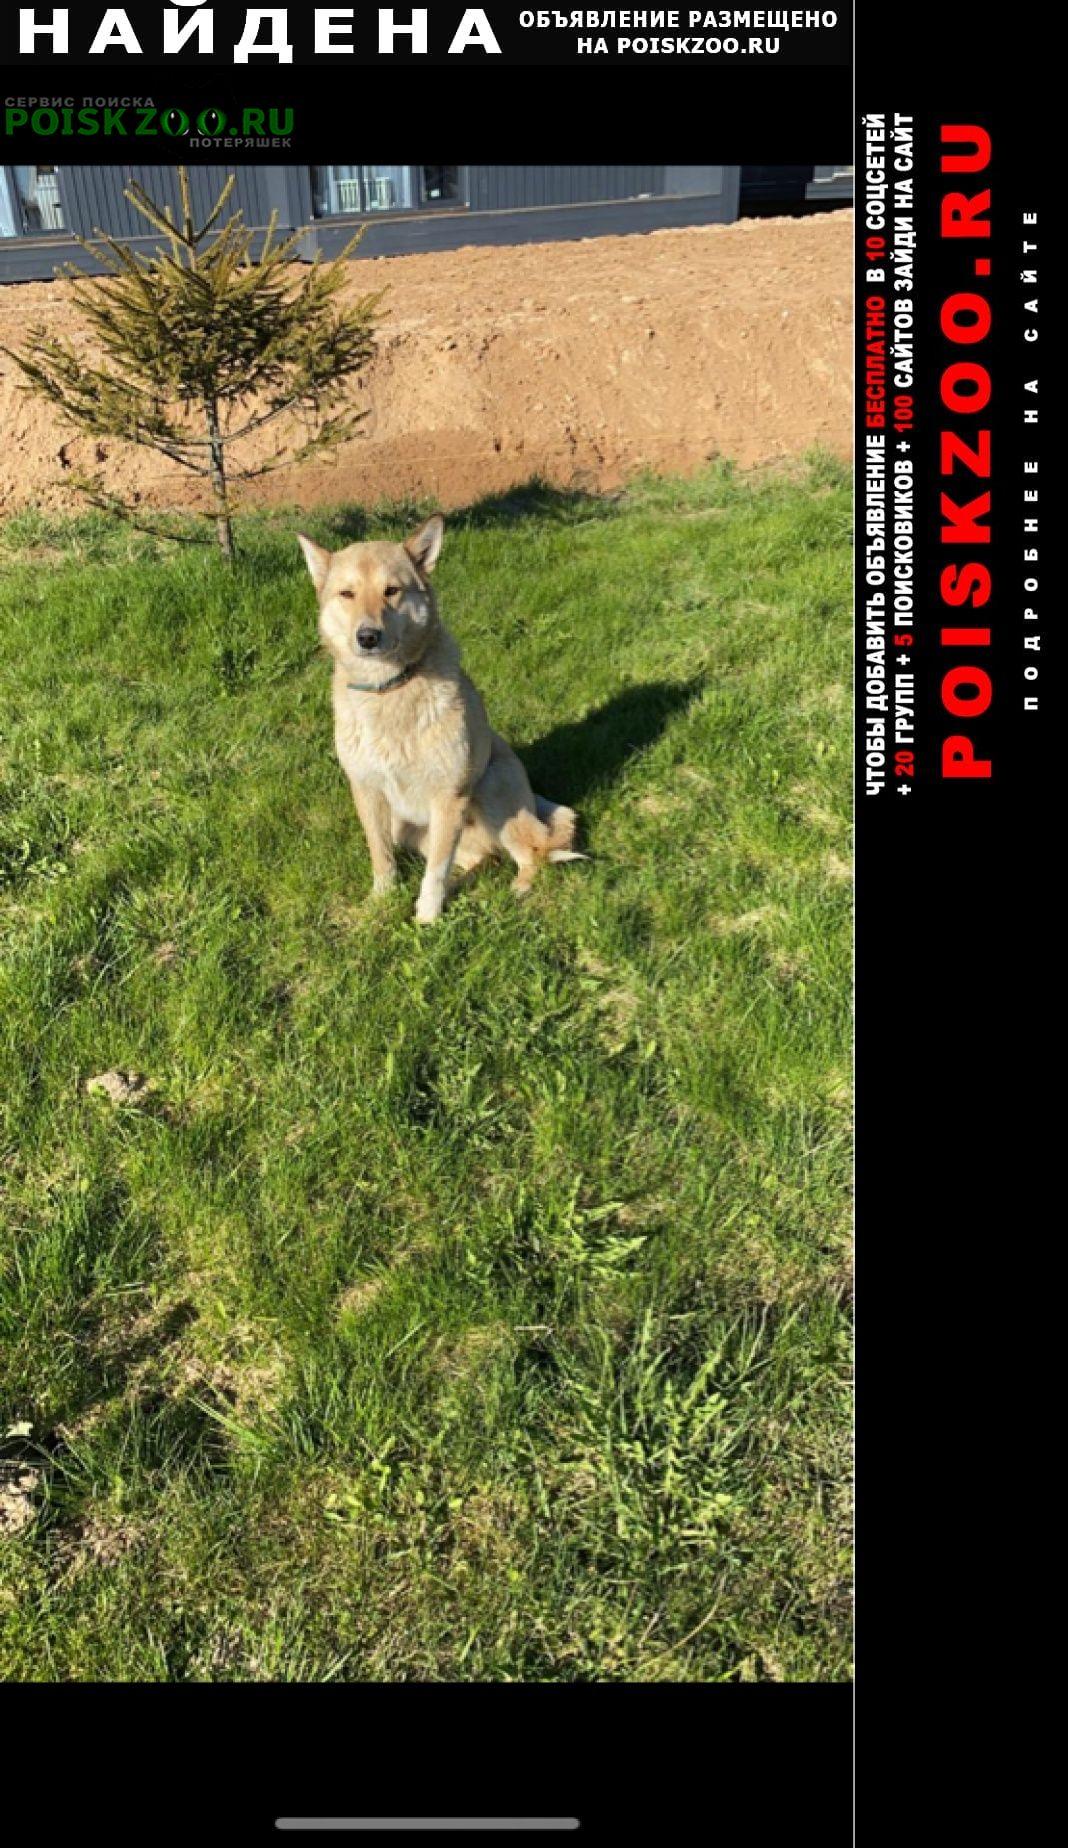 Найдена собака срочно Волоколамск